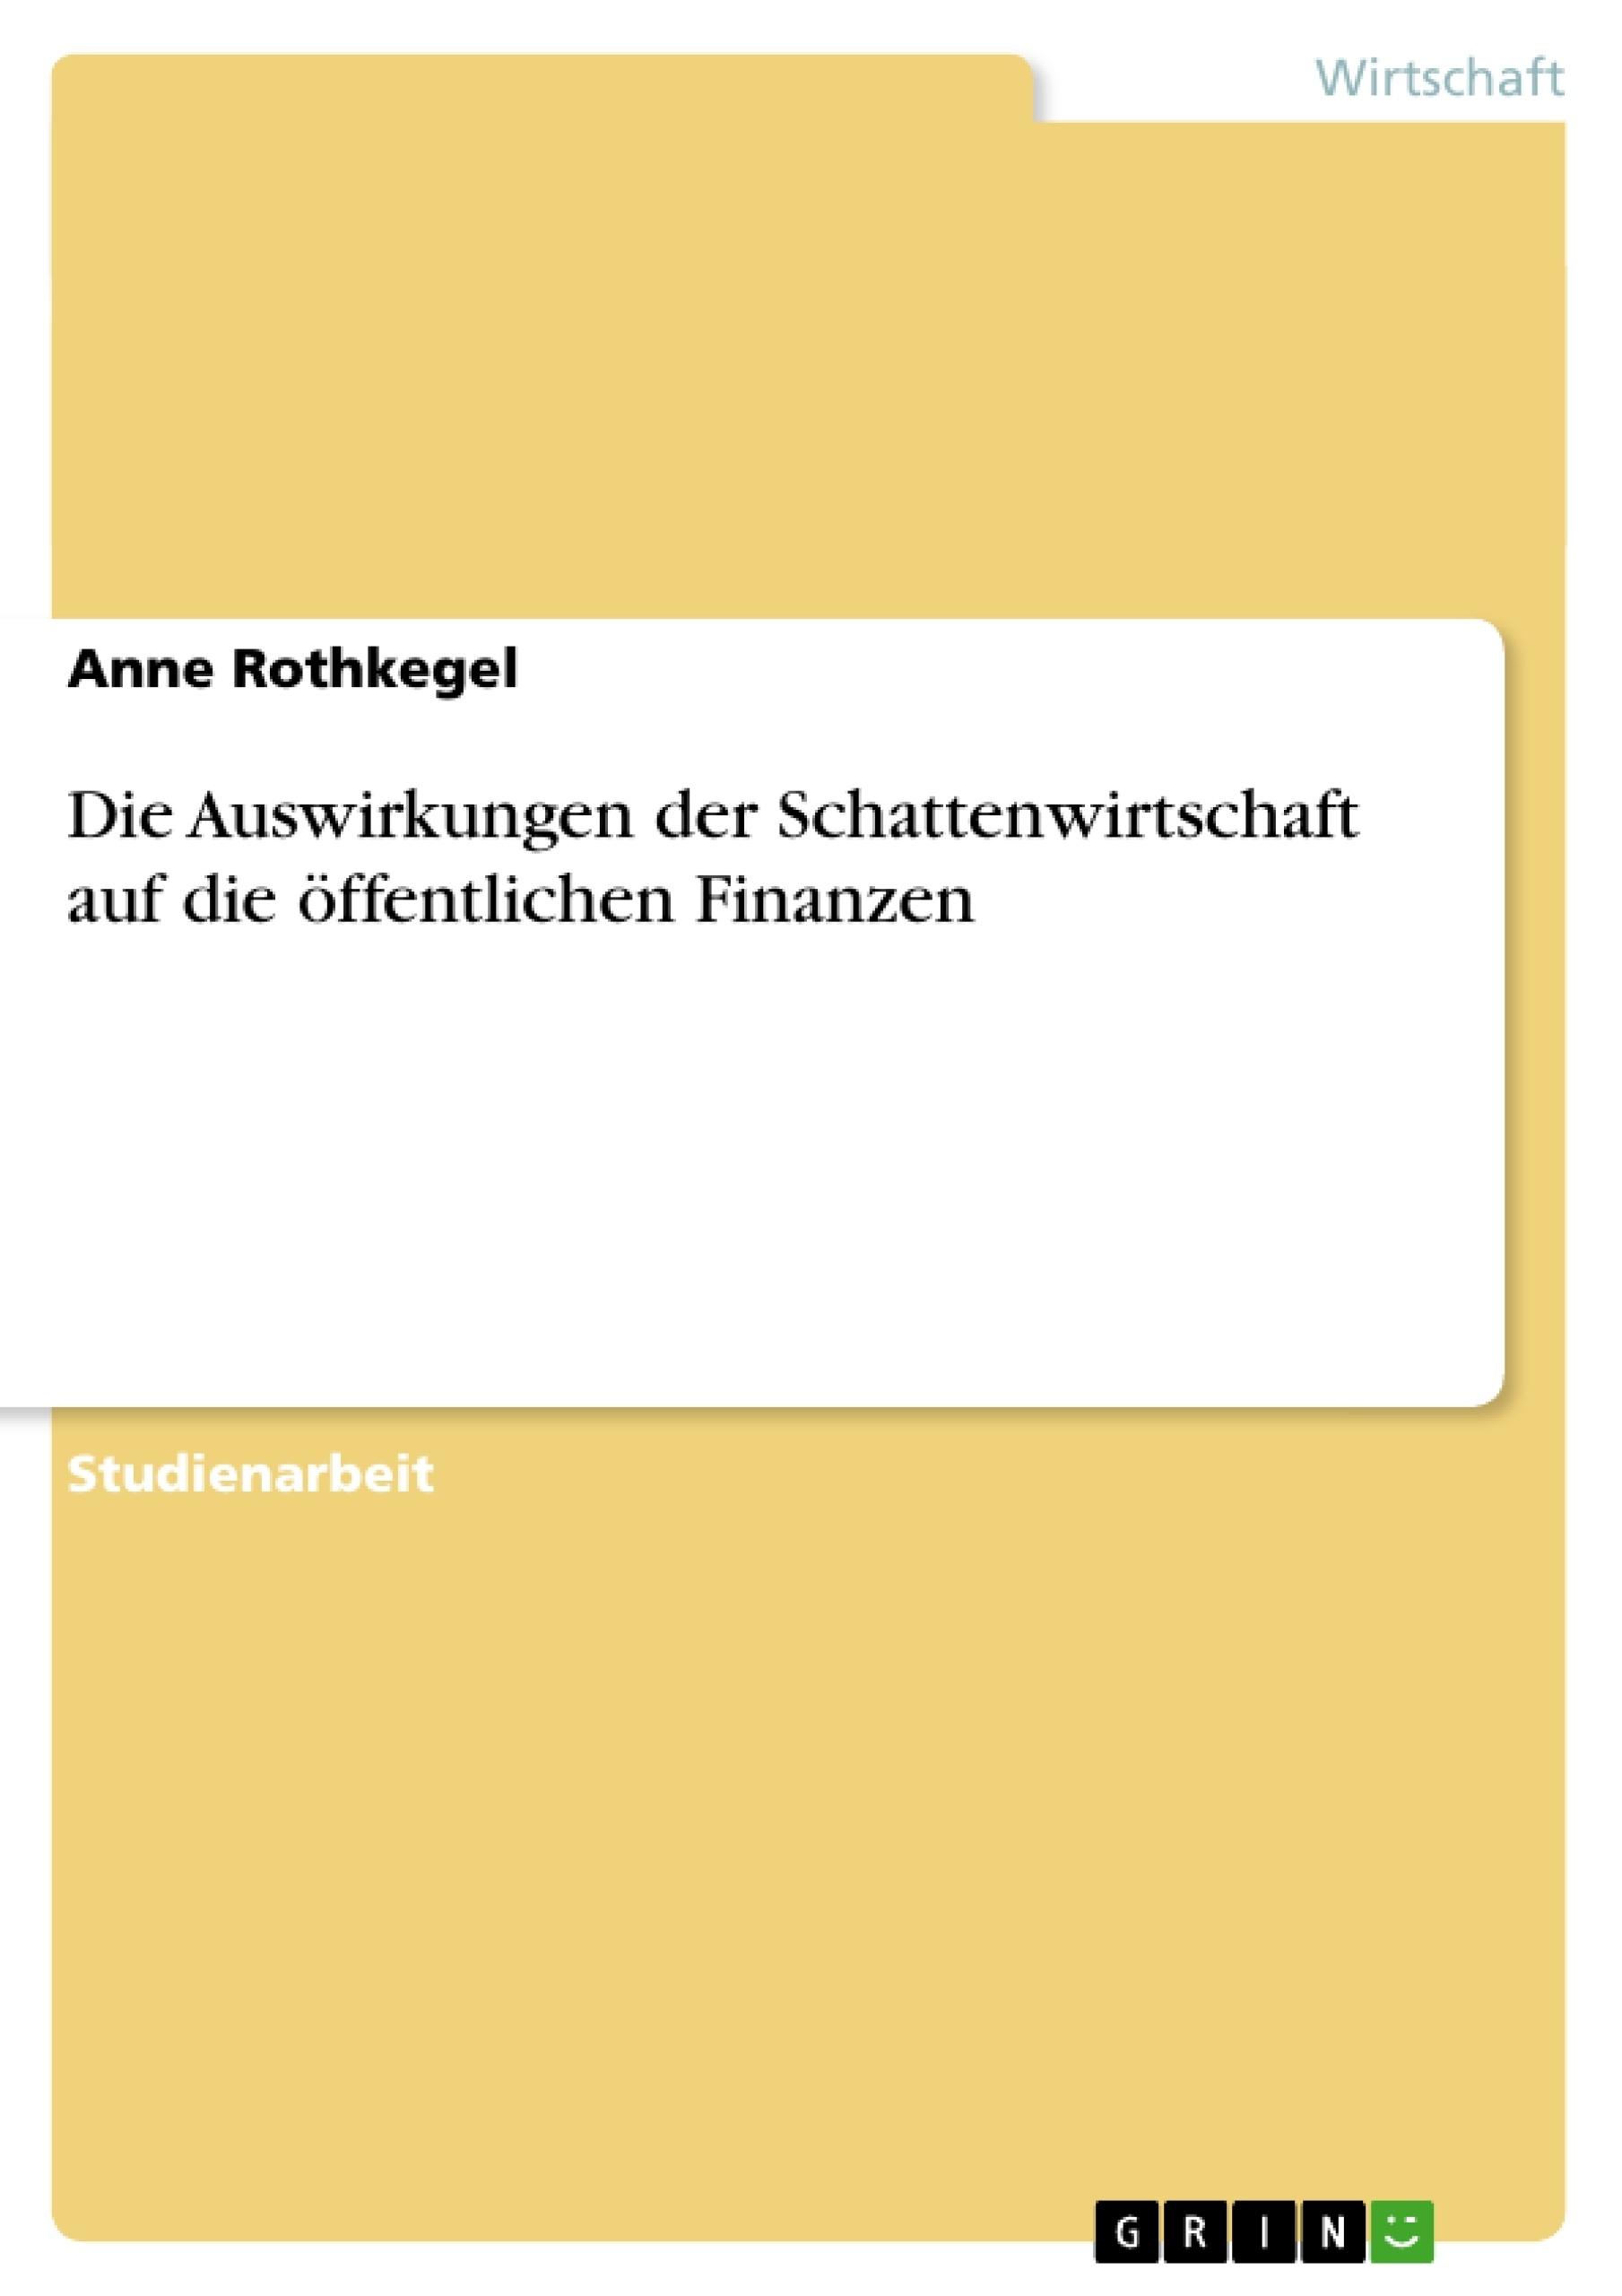 Titel: Die Auswirkungen der Schattenwirtschaft auf die öffentlichen Finanzen